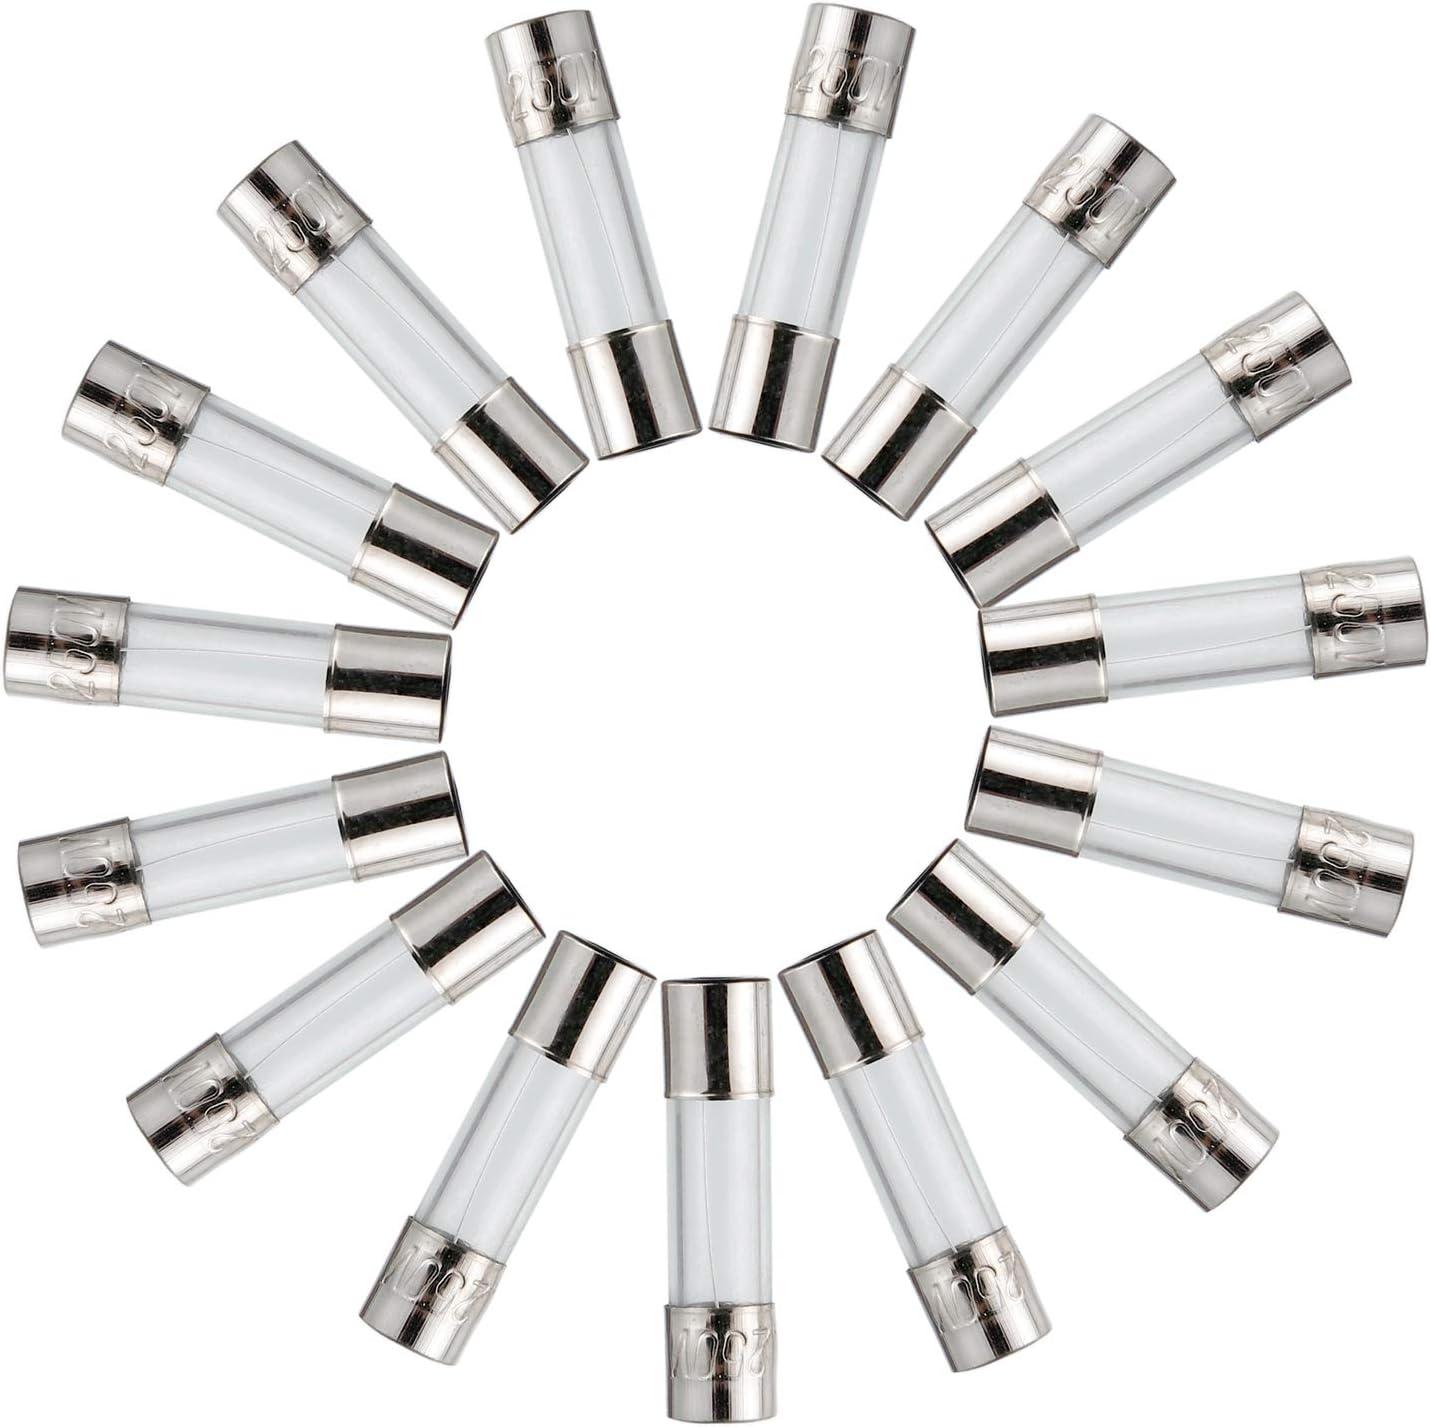 BOJACK T10A250V 6x30 mm 10 A 250 V Langsam schmelzen Sicherungen 10 Ampere 250 Volt 0,24 x 1,18 Zoll Glasrohr Zeitverz/ögerungs Sicherungen Packung mit 20 St/ück